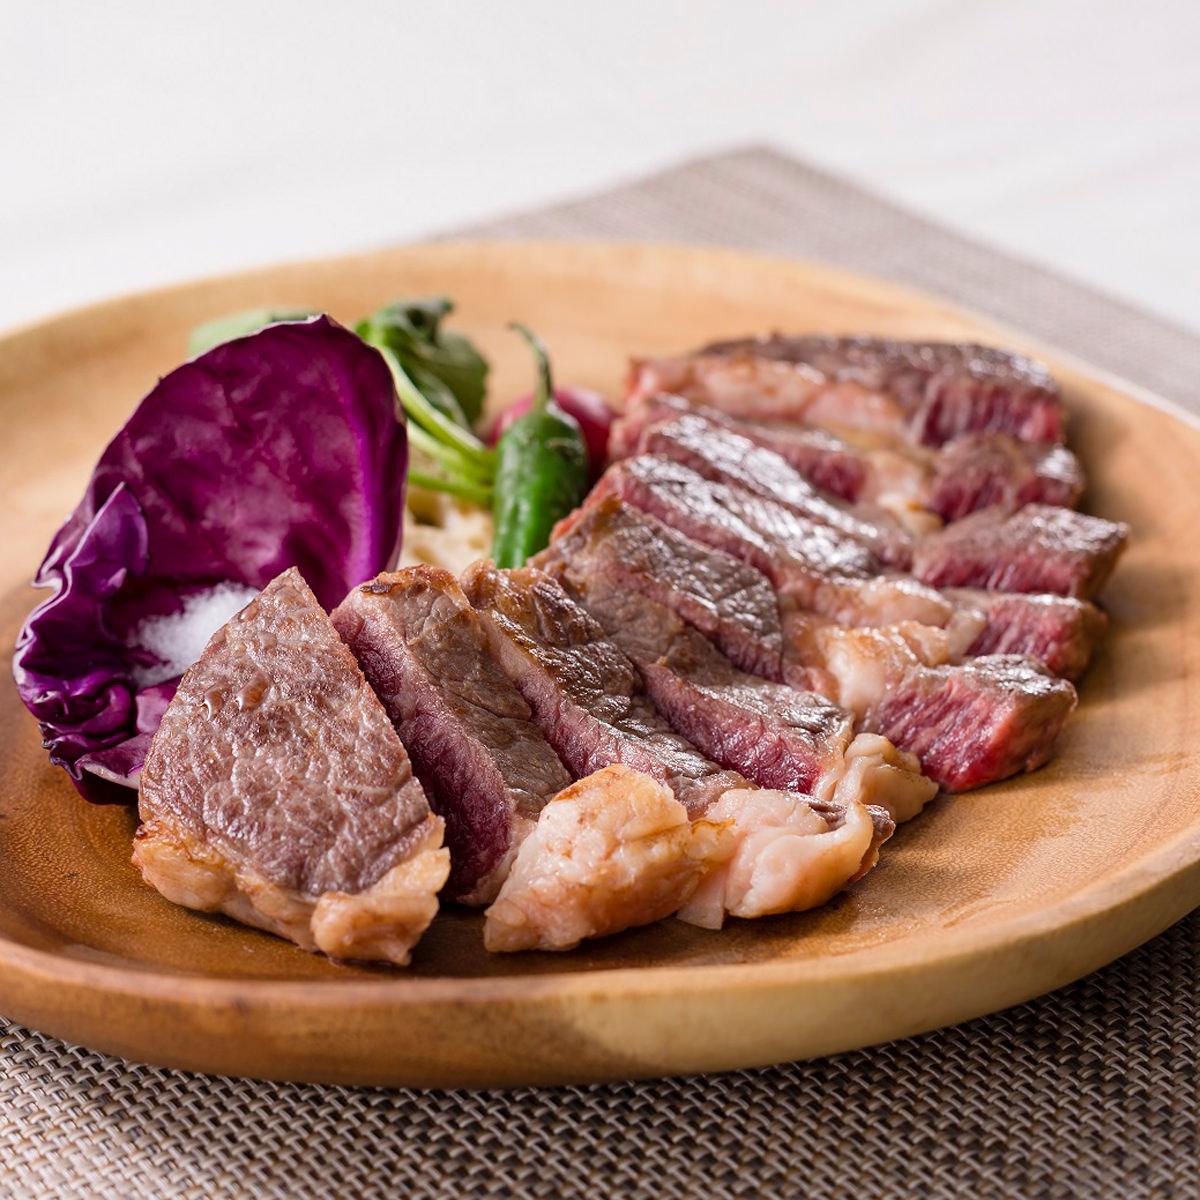 発酵熟成肉ステーキ チャックアイロール (US産牛肩ロース) 〔200g×2〕岡山県 石井食品